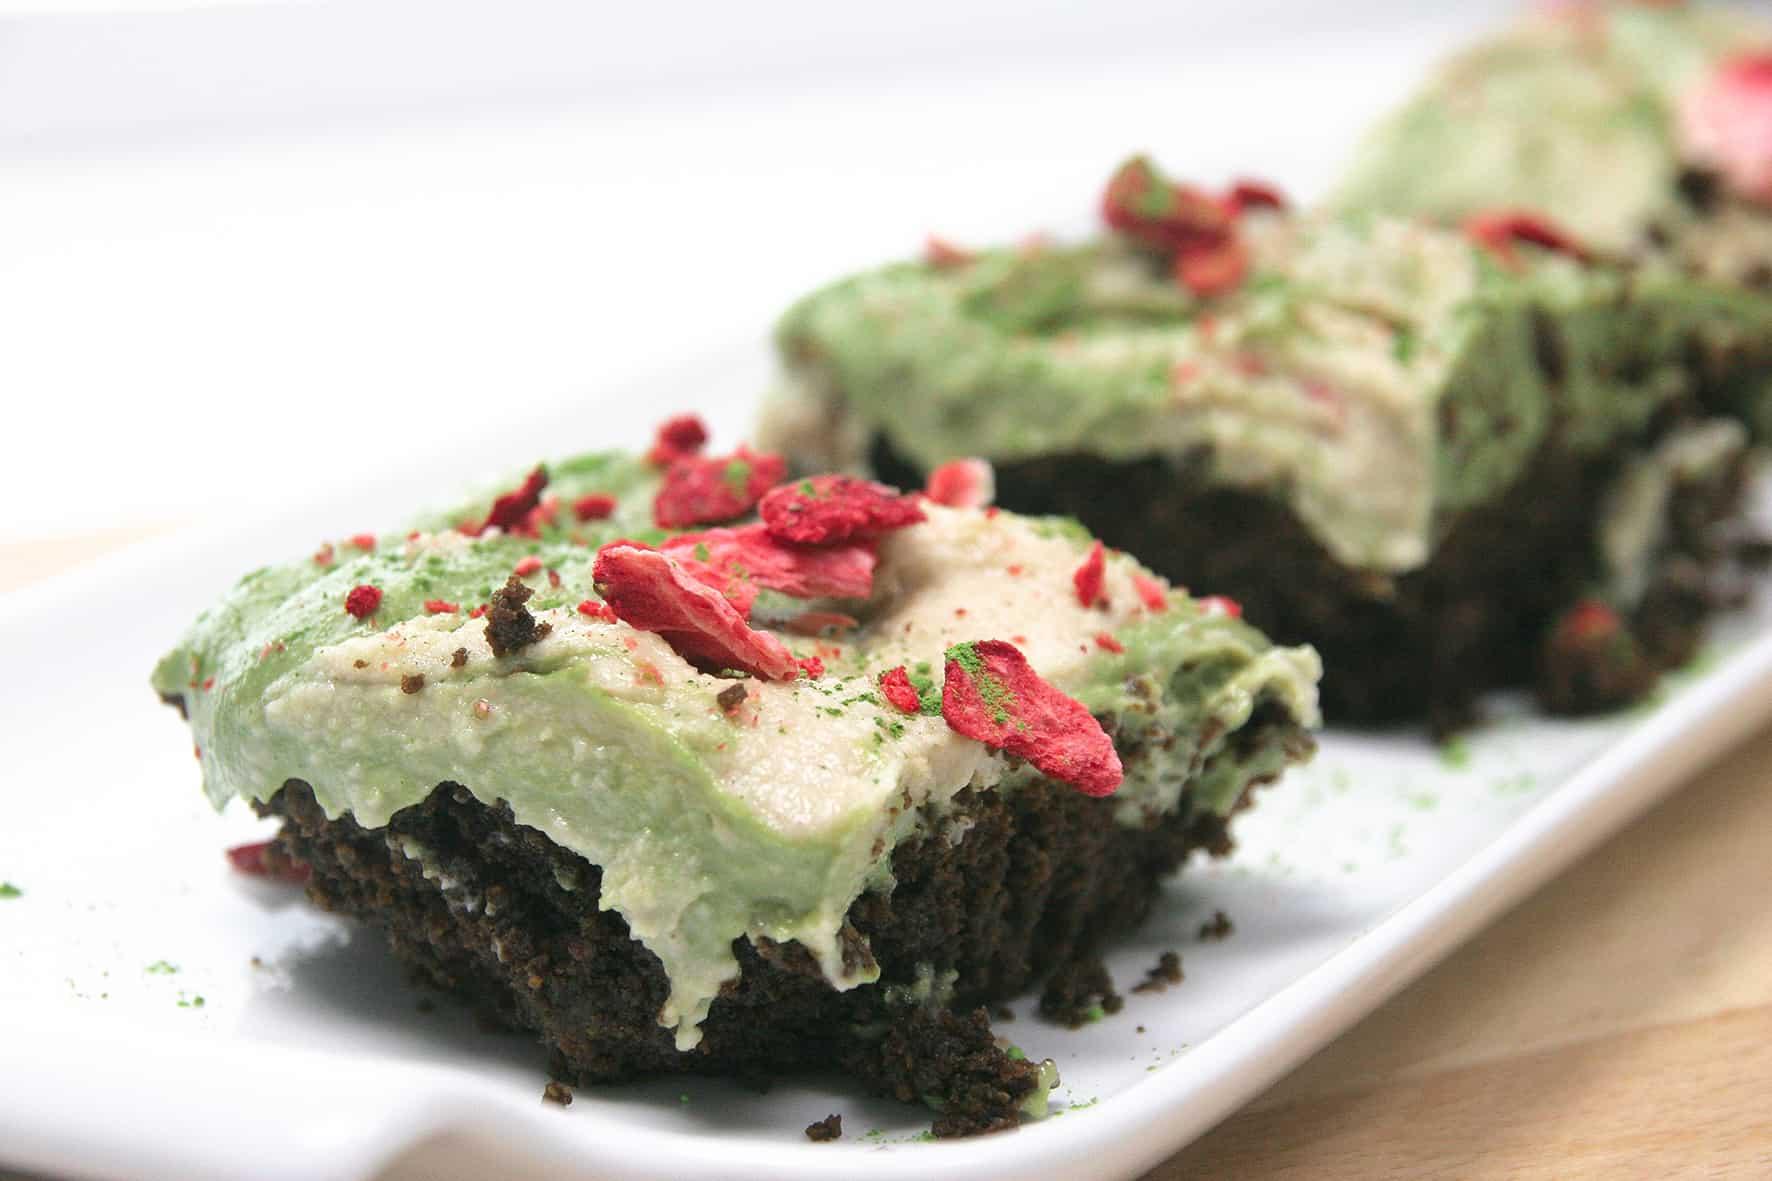 Gluten-free-chocolate-brownie-matcha-swirl-cream-cheese-frosting-2-recipe-dessert